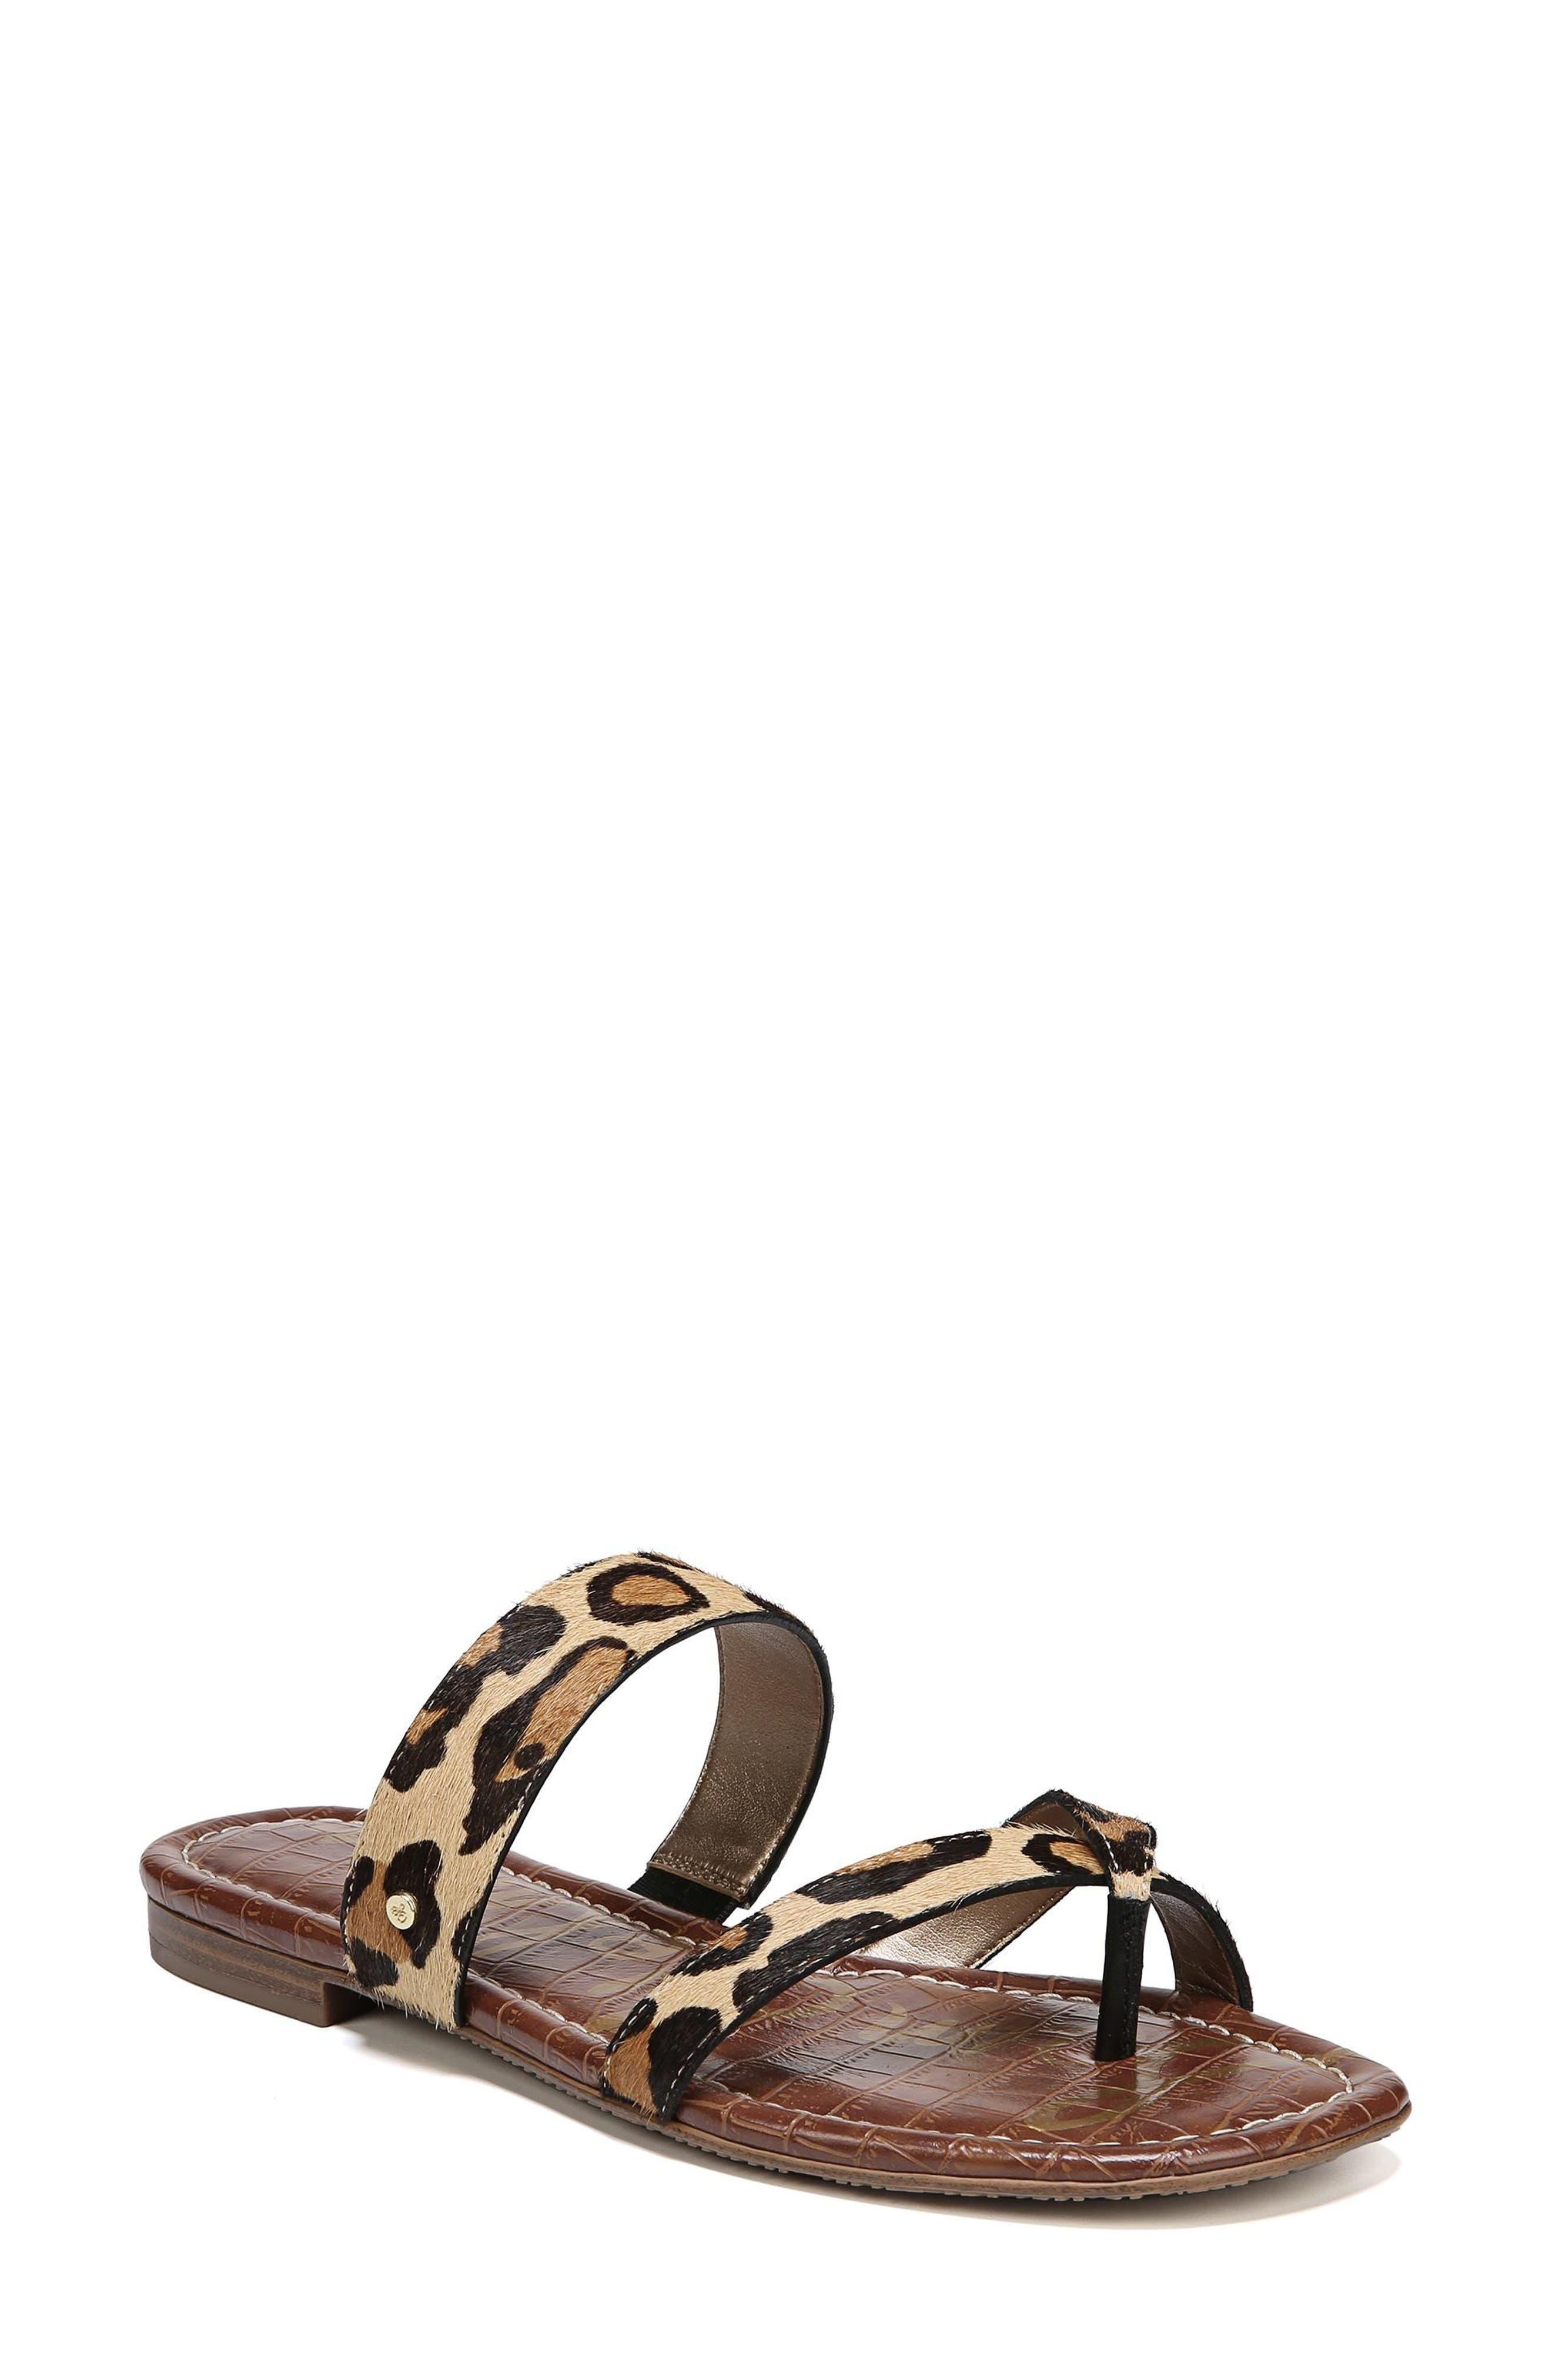 Bernice Genuine Calf Hair Sandal,                             Main thumbnail 1, color,                             New Nude Leopard Brahma Hair